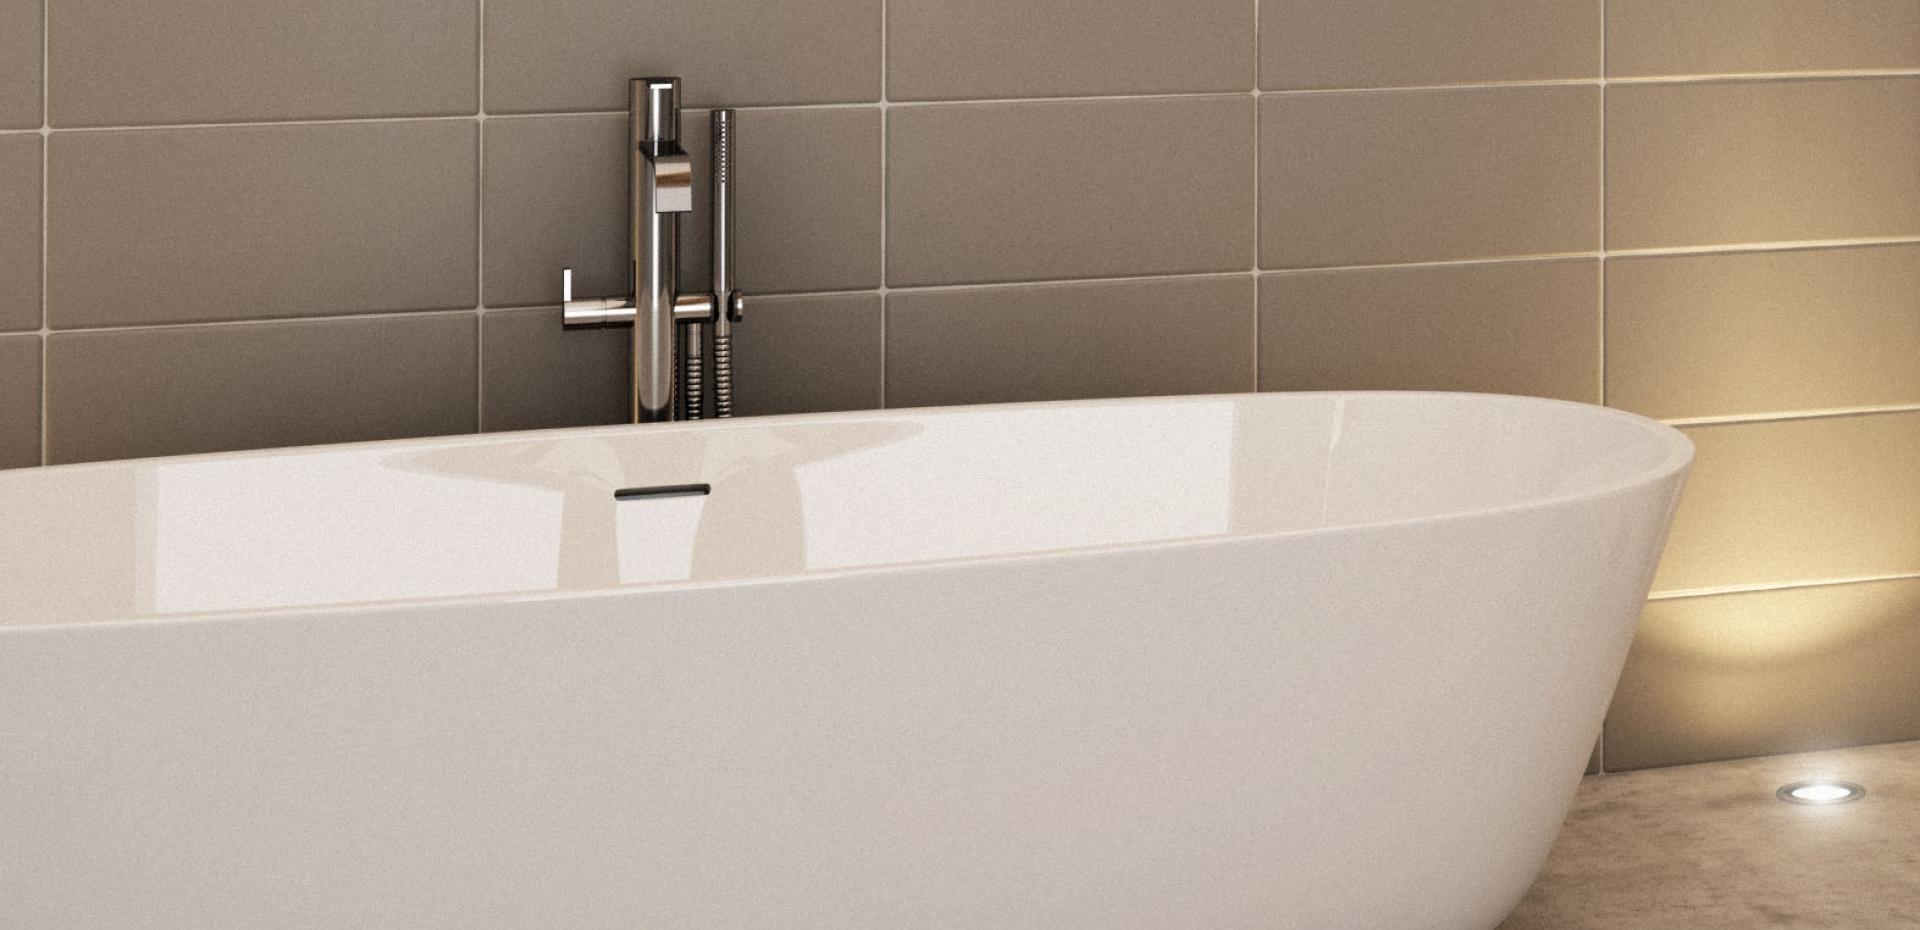 Piastrelle interni vogue system piastrelle per bagno e cucina - Una piastrella policroma per rivestimenti ...